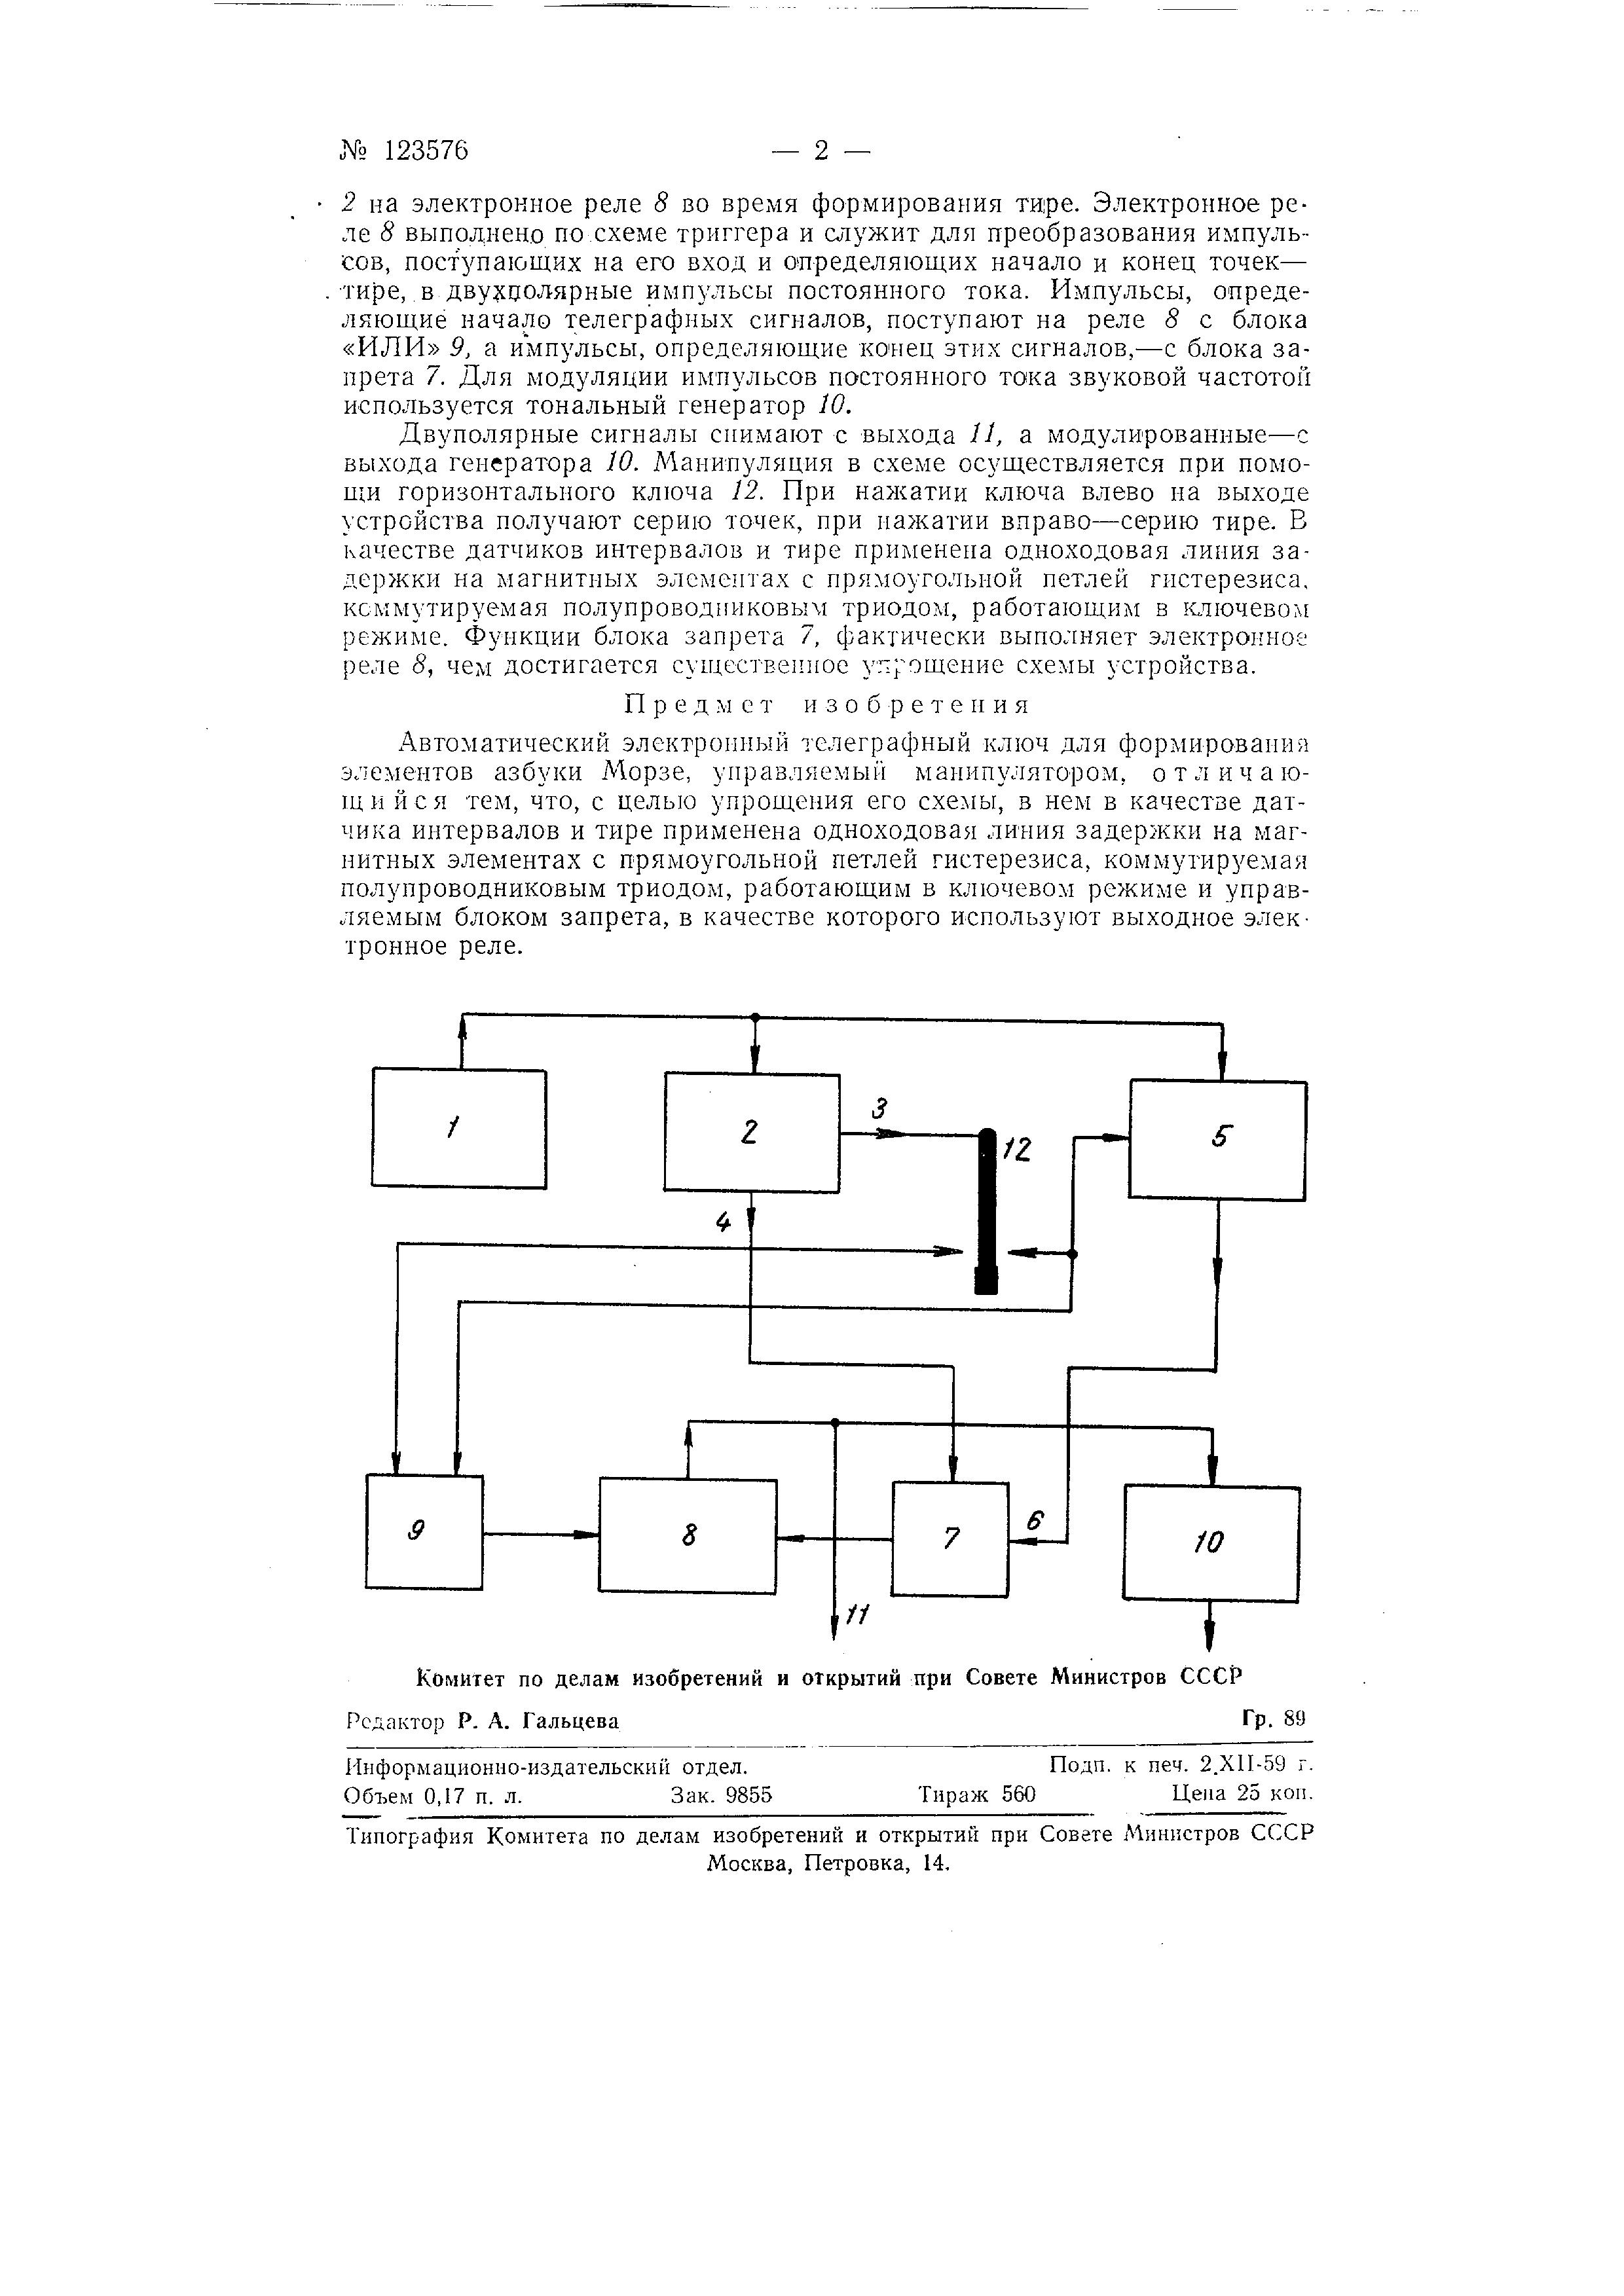 Телеграфный ключ онлайн | Самоучитель телеграфной азбуки ...